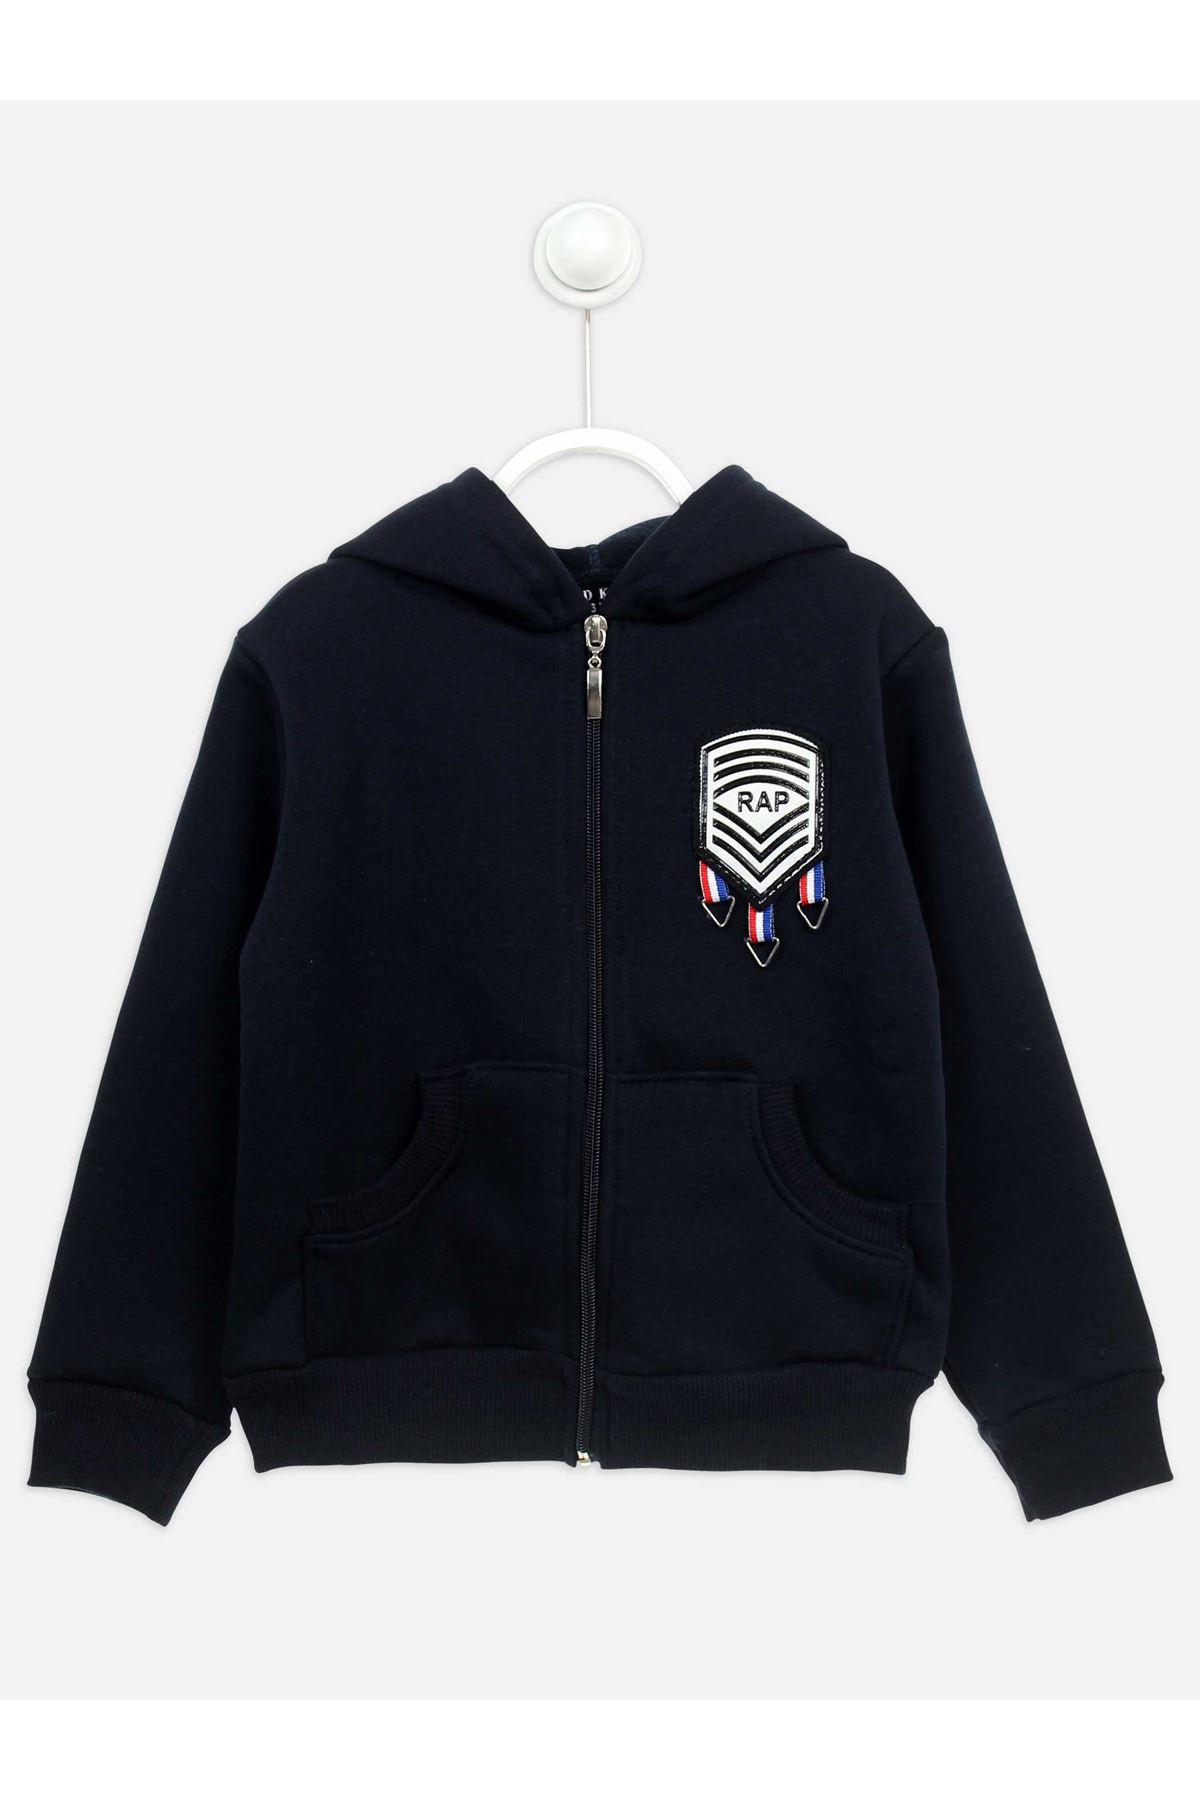 Siyah Kışlık Kapüşonlu Erkek Çocuk Ceket